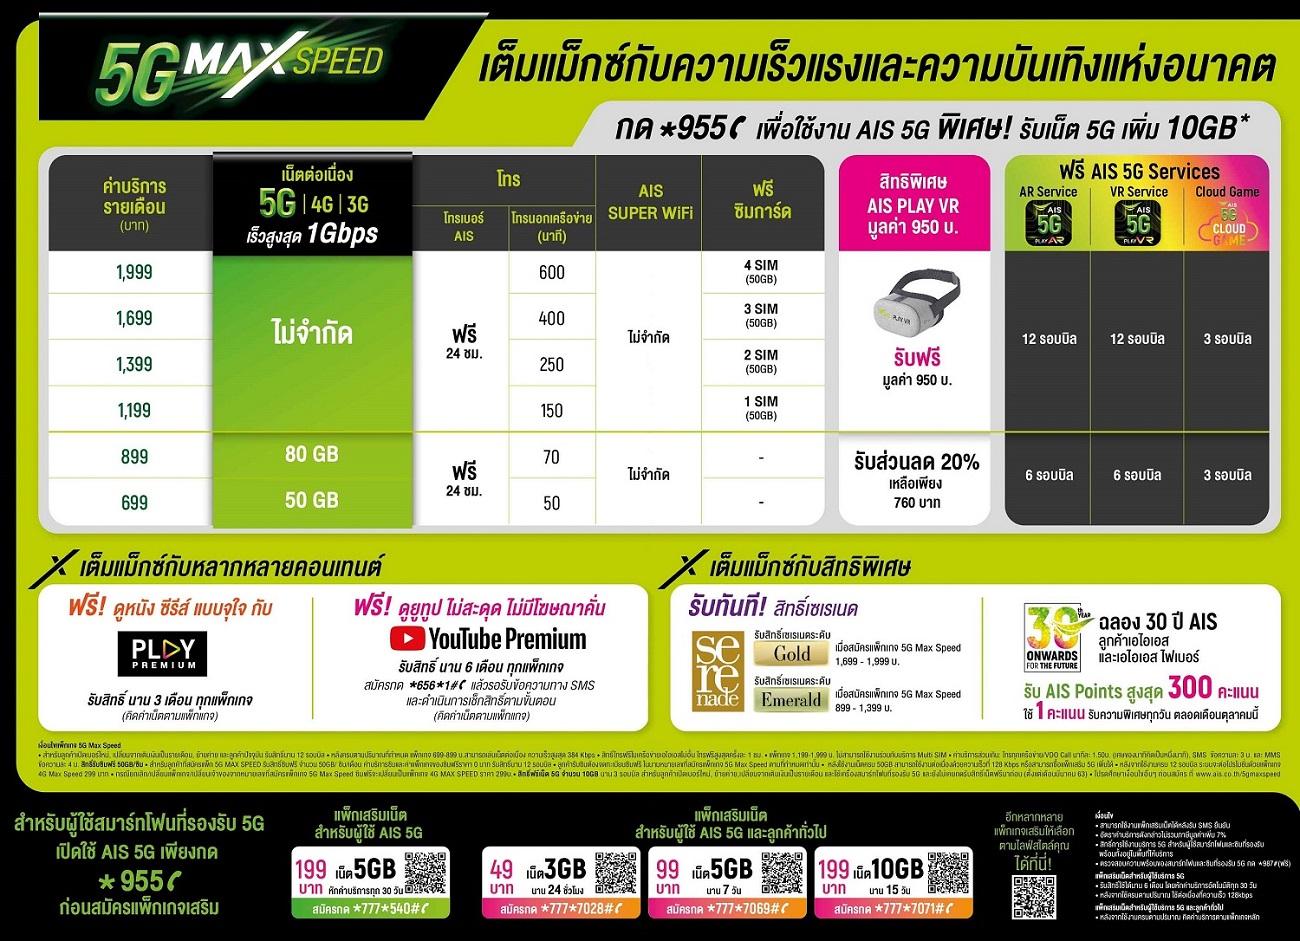 201001 Pic08_เปิดตัวแพ็กเกจ AIS 5G Max Speed แพ็กเกจ 5G แรกของคนไทย